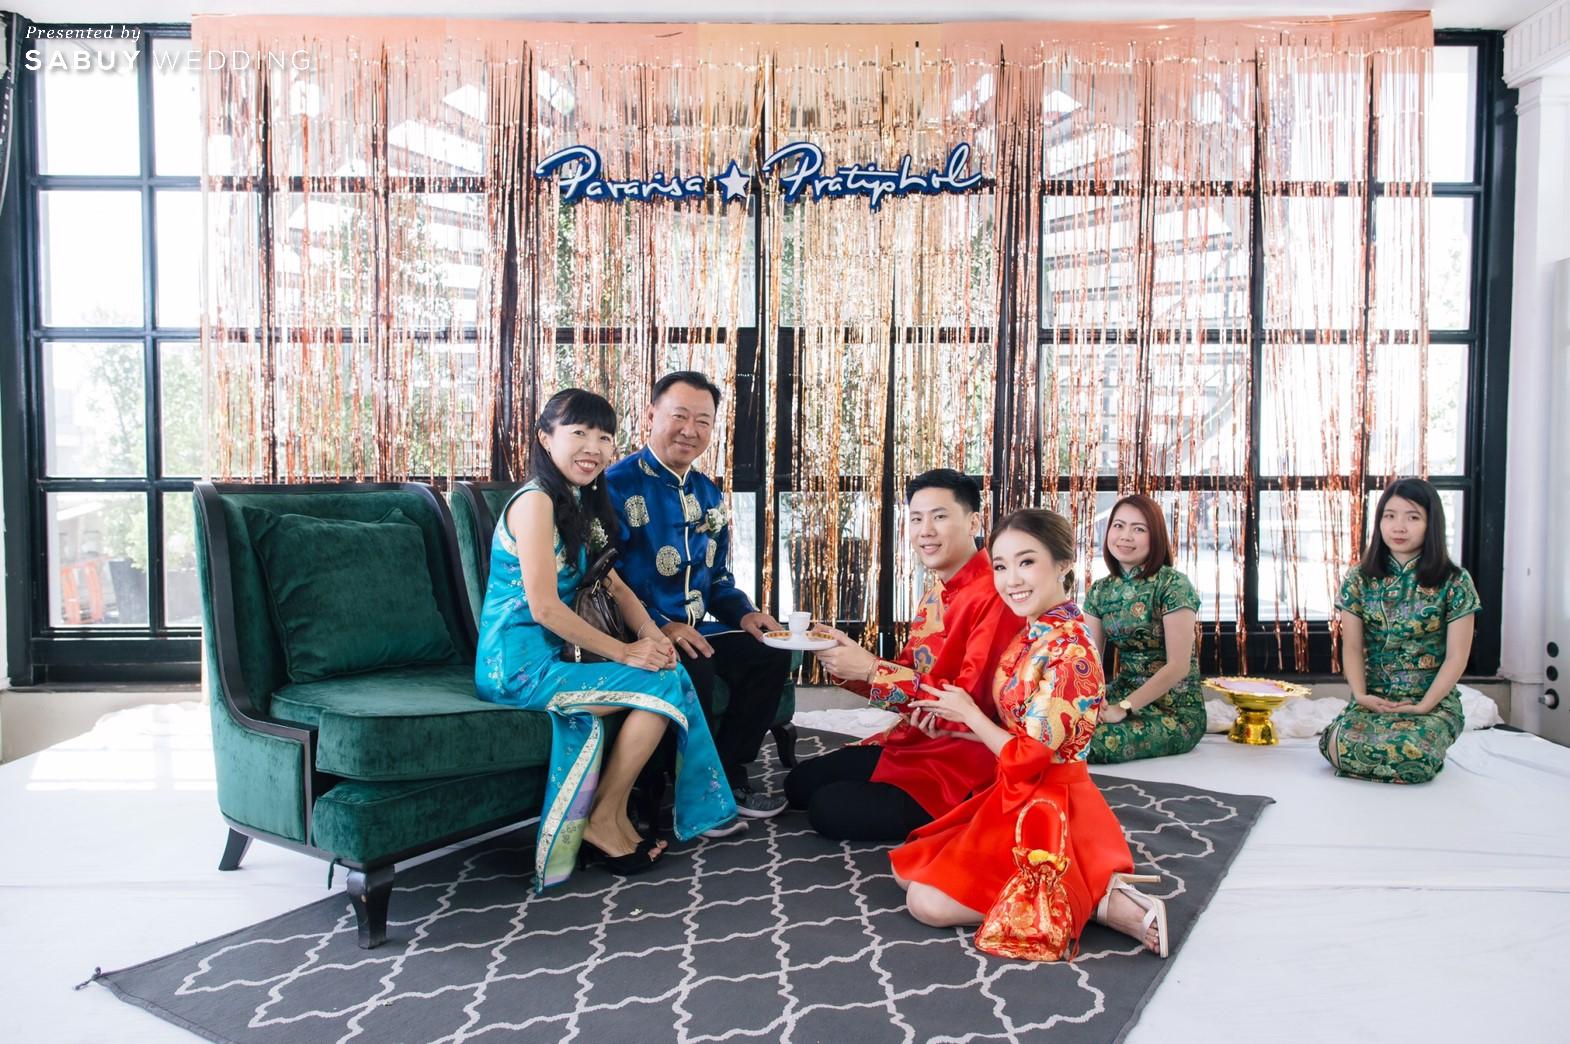 งานแต่งงาน,พิธีจีน,ยกน้ำชา รีวิวงานแต่งสวยวิ้ง ฟรุ้งฟริ้งฉบับงาน Customize @ Hotel Once Bangkok